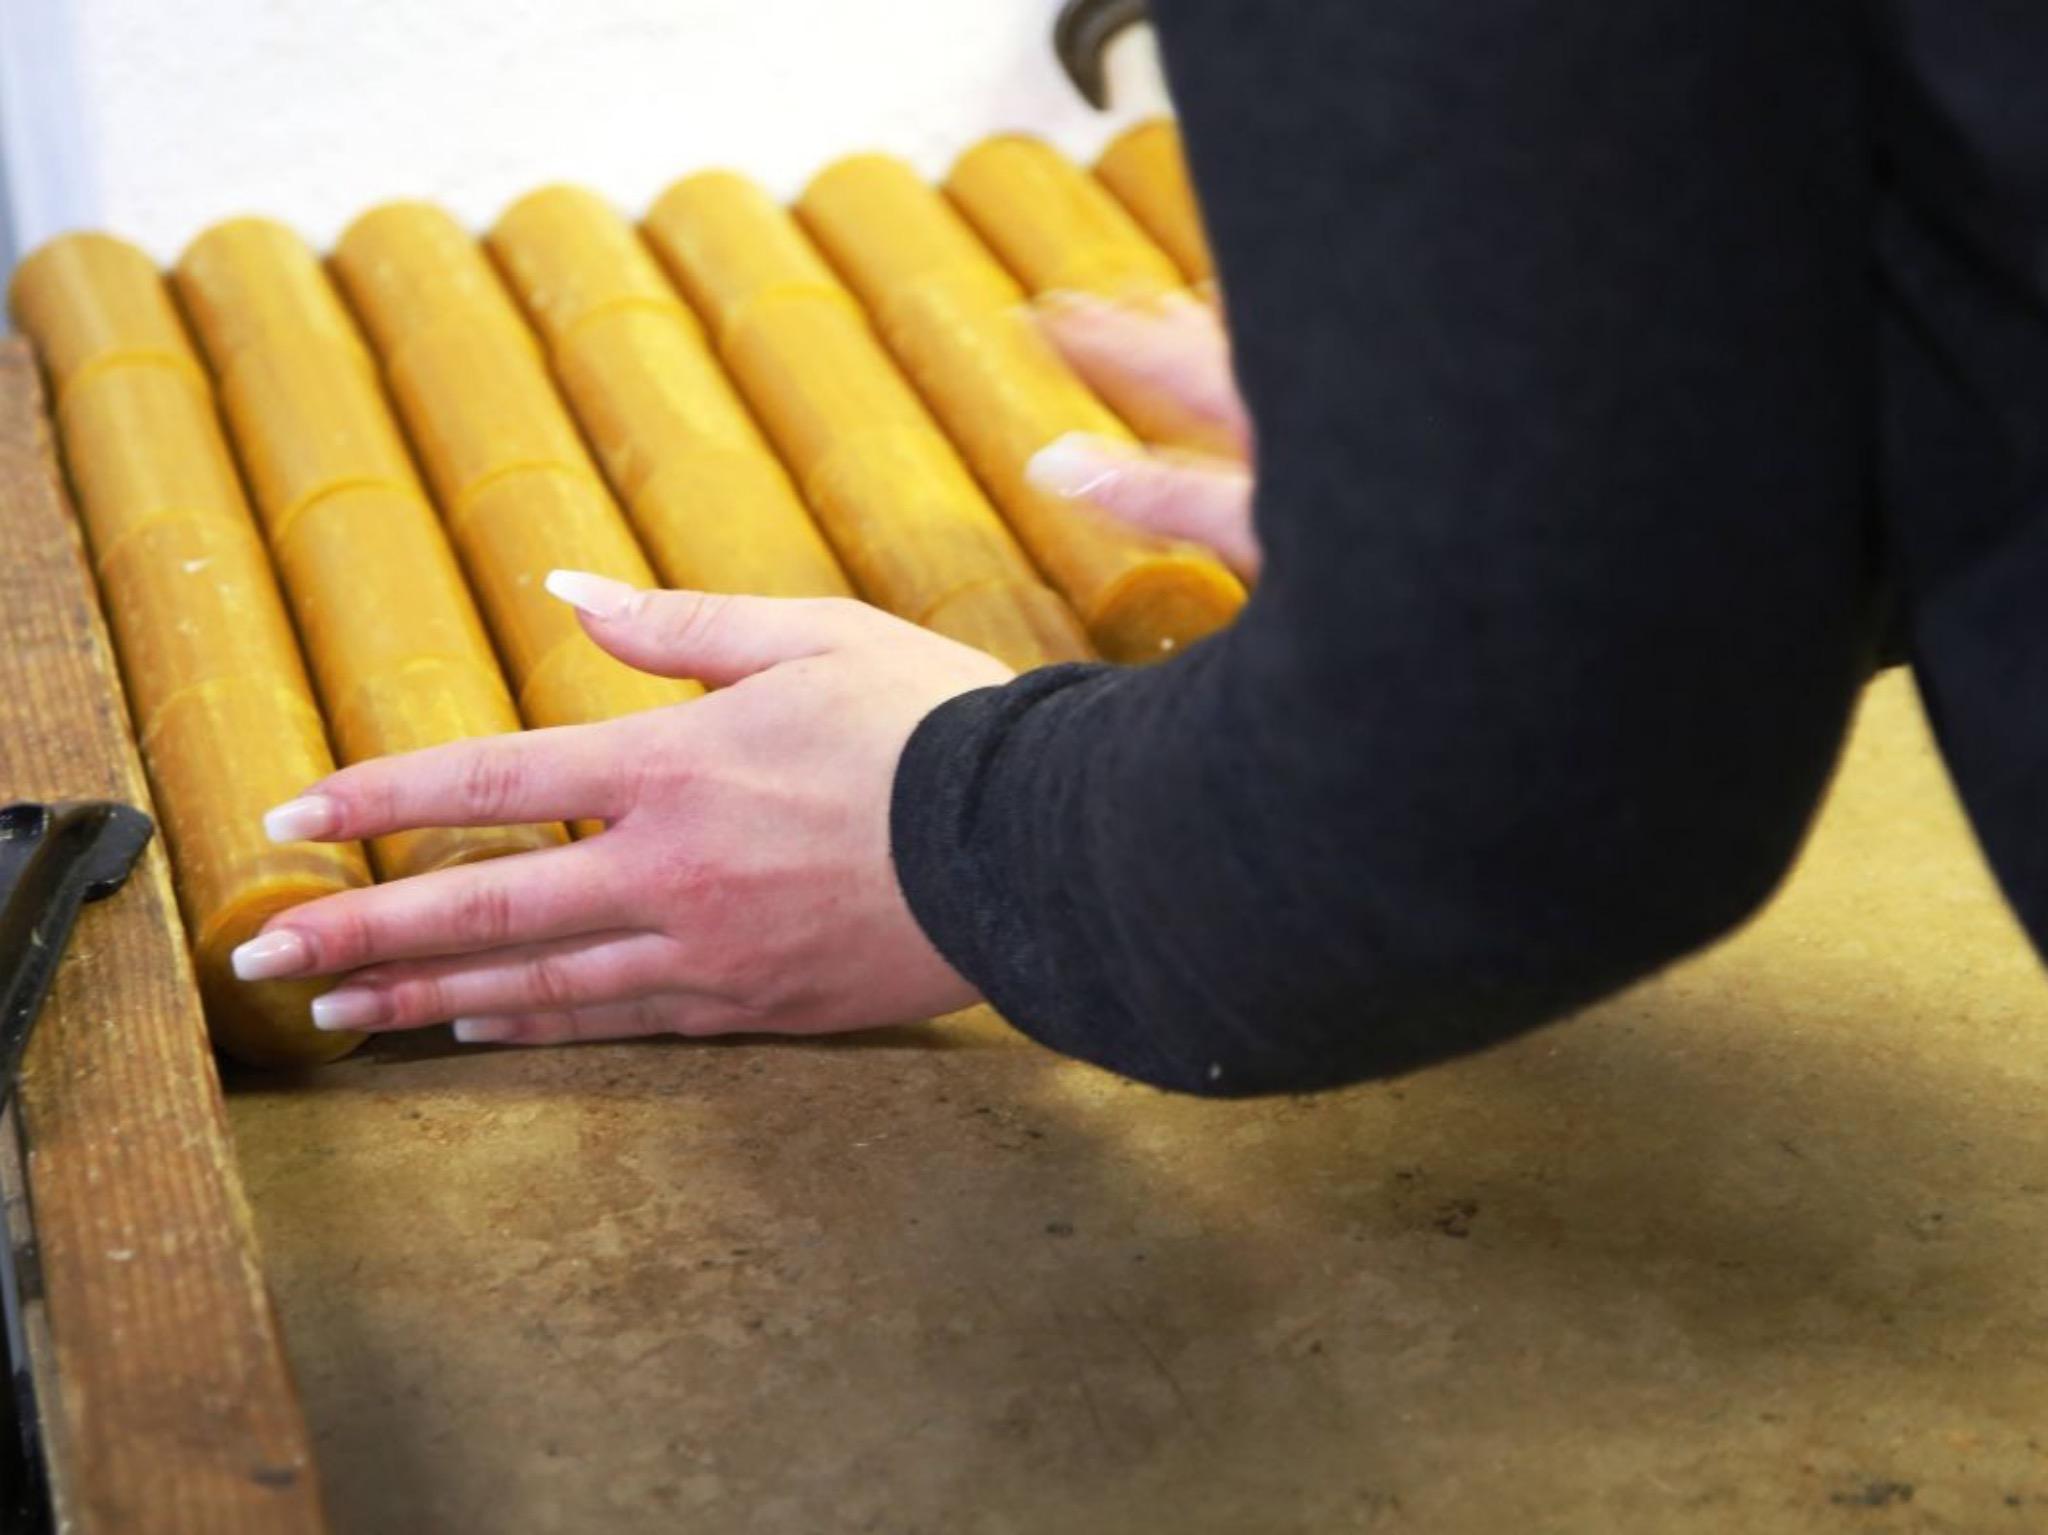 Die Ablagefläche besteht aus Marmor, damit die Kerzen schnell auskühlen können. Foto: Magdalena Rössert (POW)